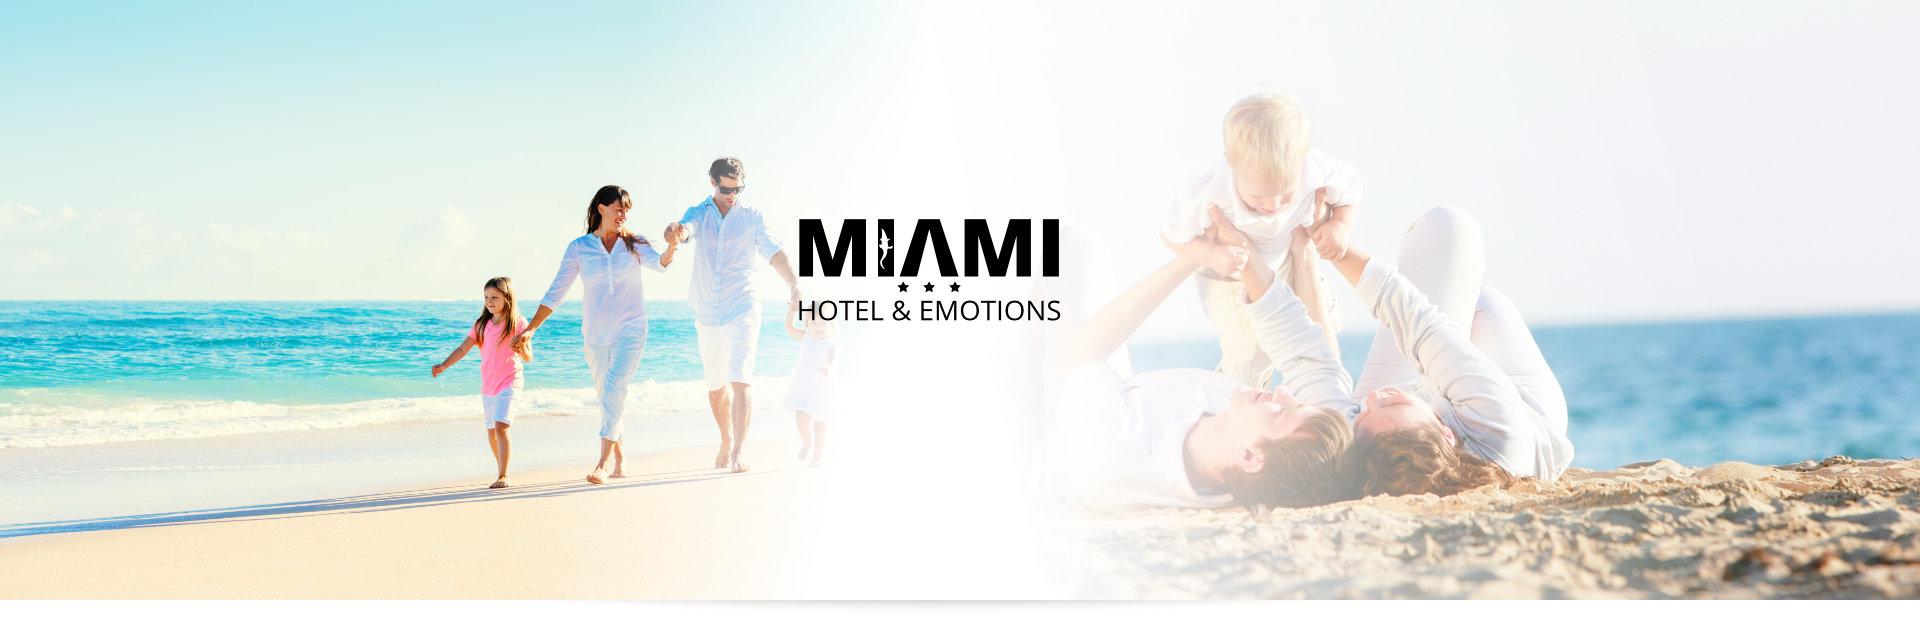 Offerte Vacanze Estive Hotel Miami